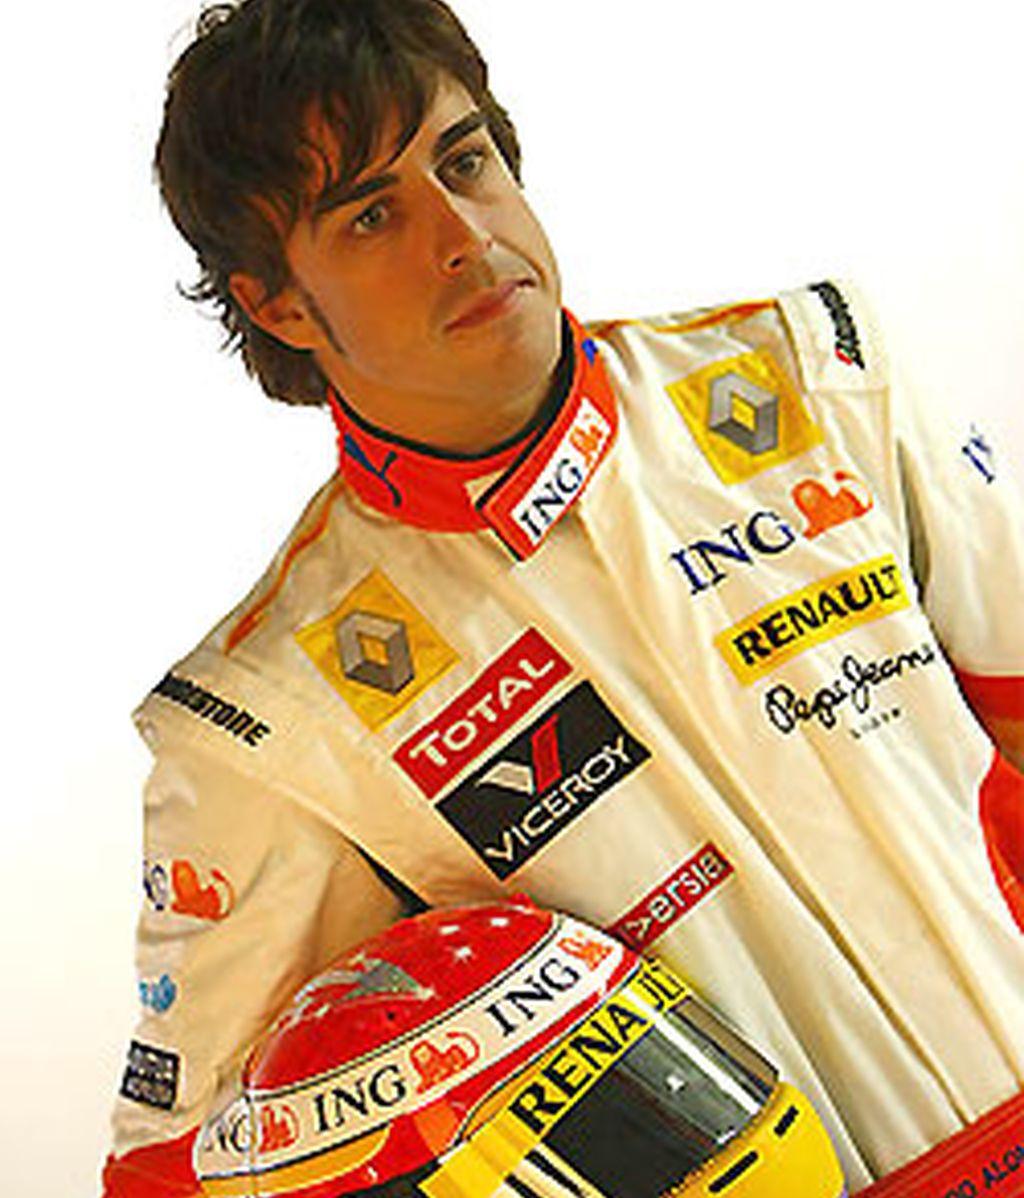 Alonso, posando con su nuevo casco para las instantáneas del equipo. FOTO: Renault.